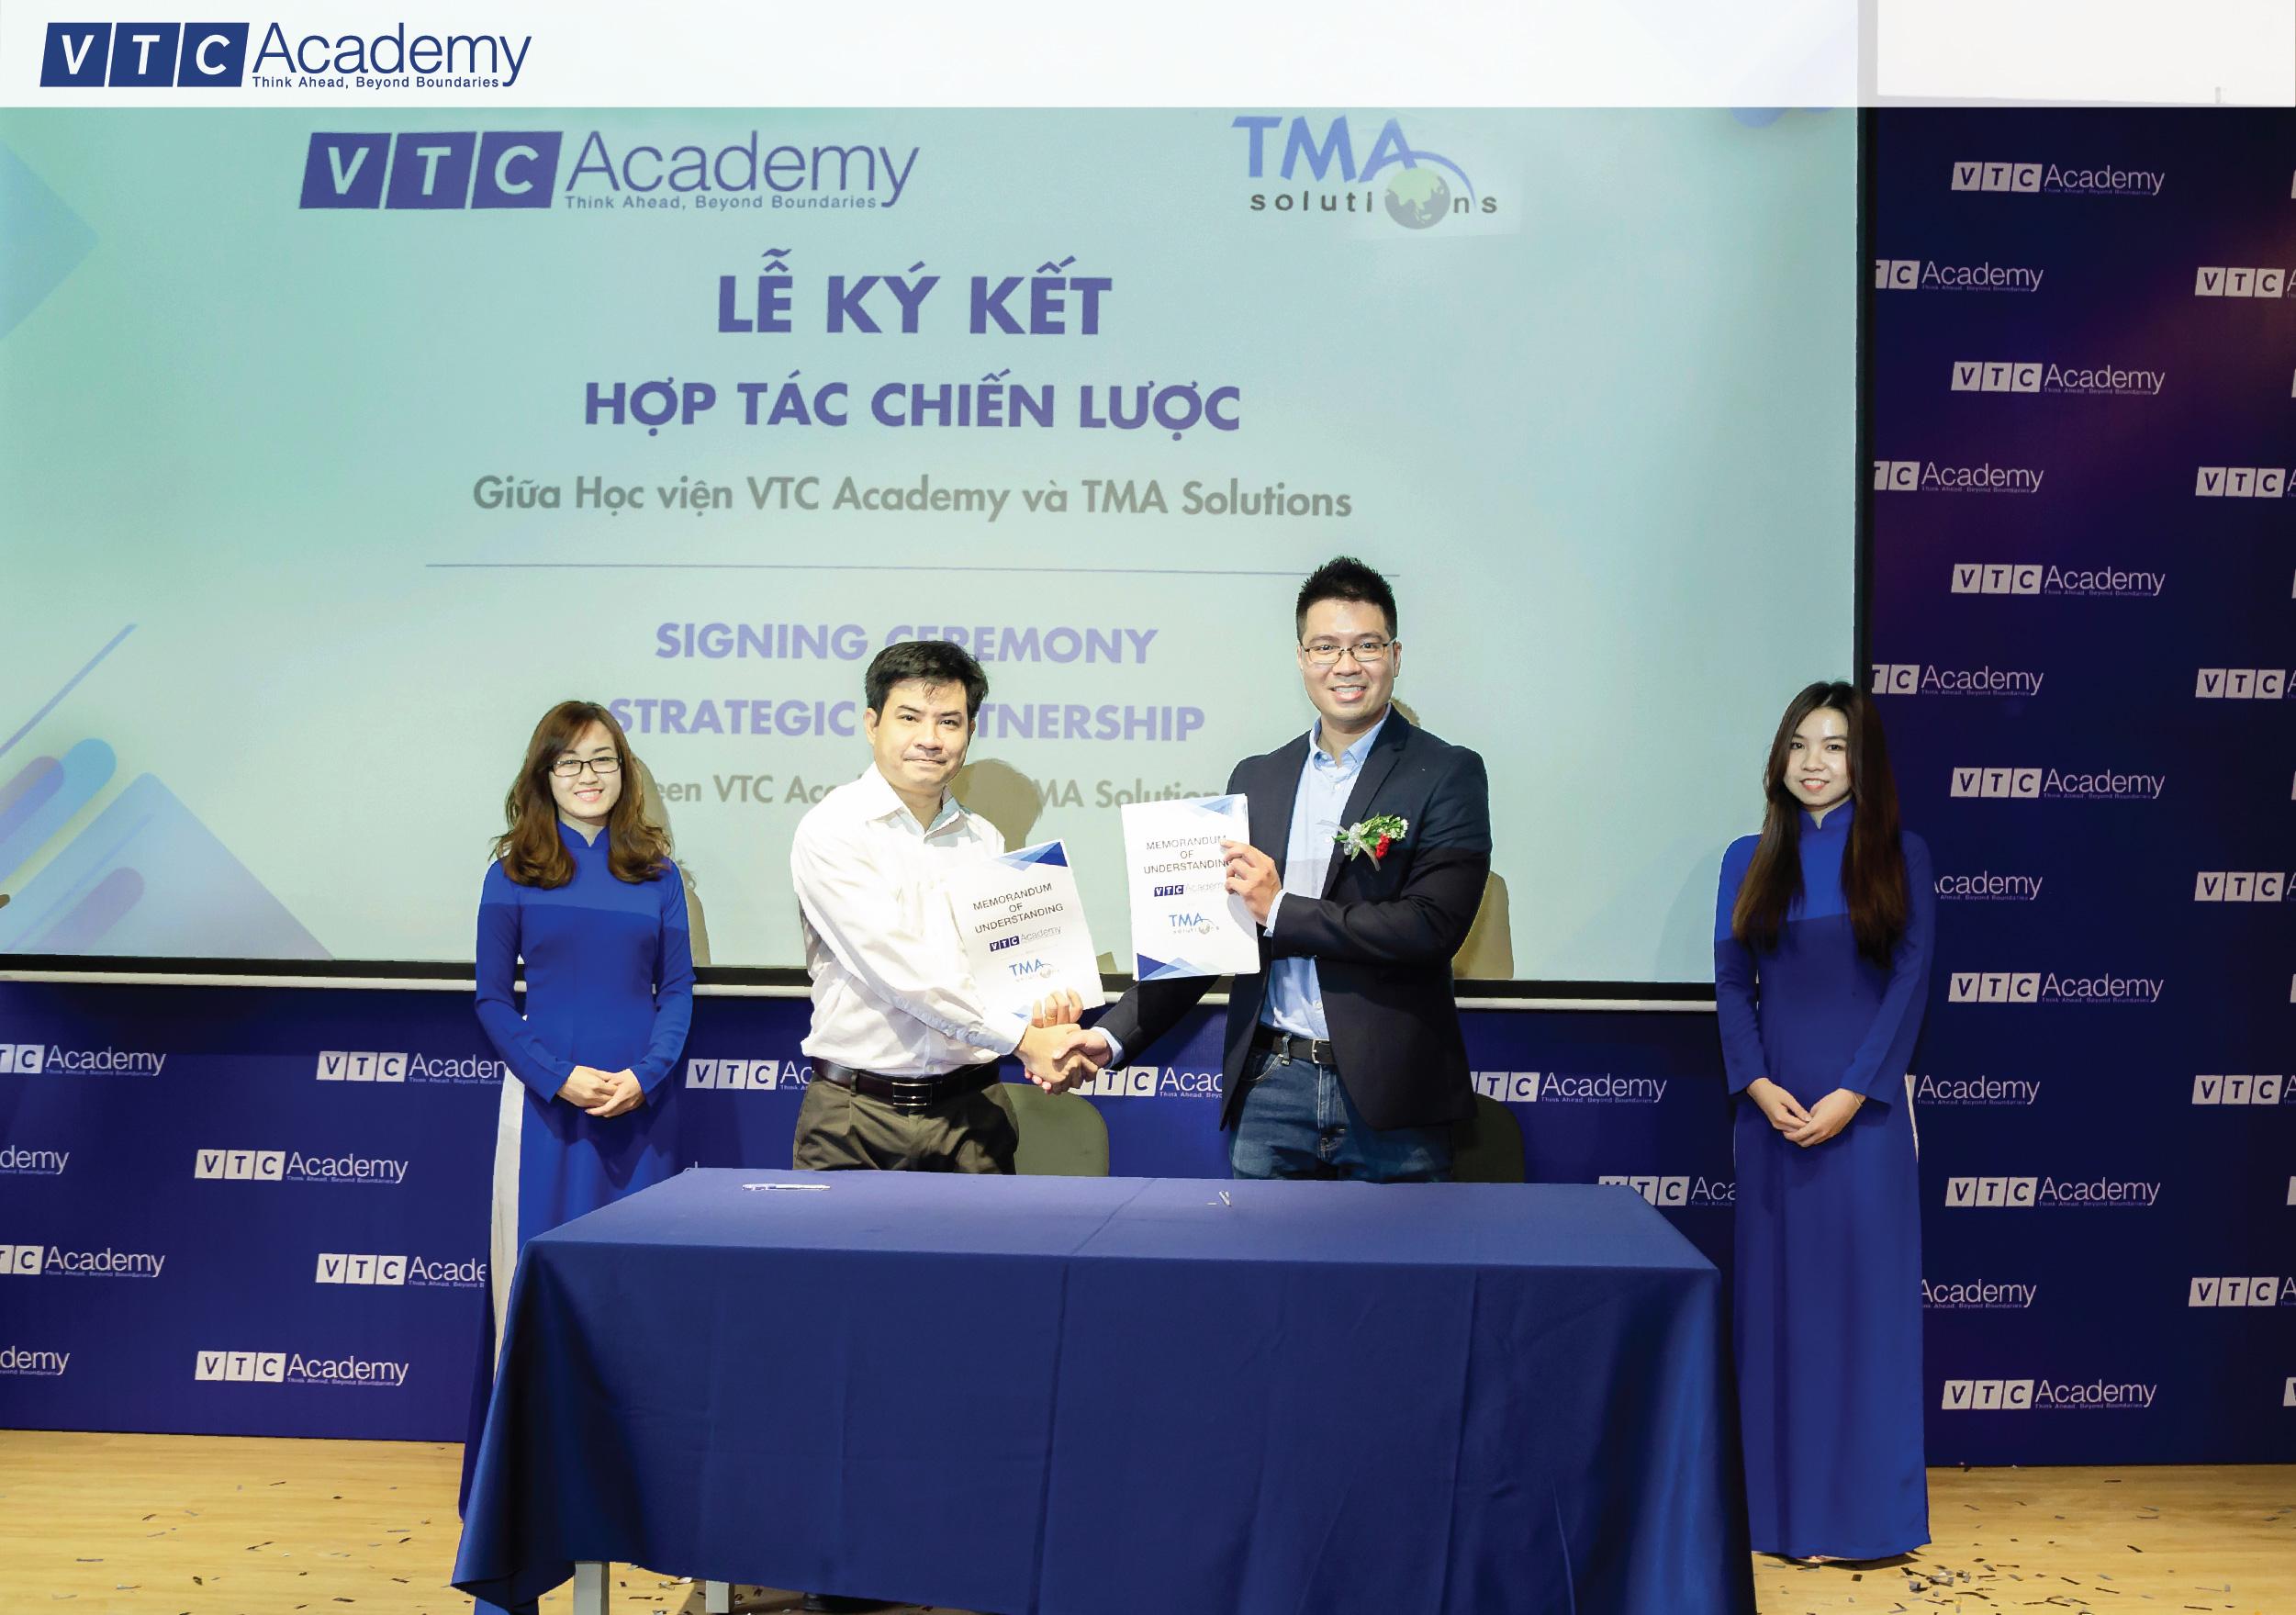 VTC Academy ký thỏa thuận hợp tác chiến lược cùng TMA Solutions